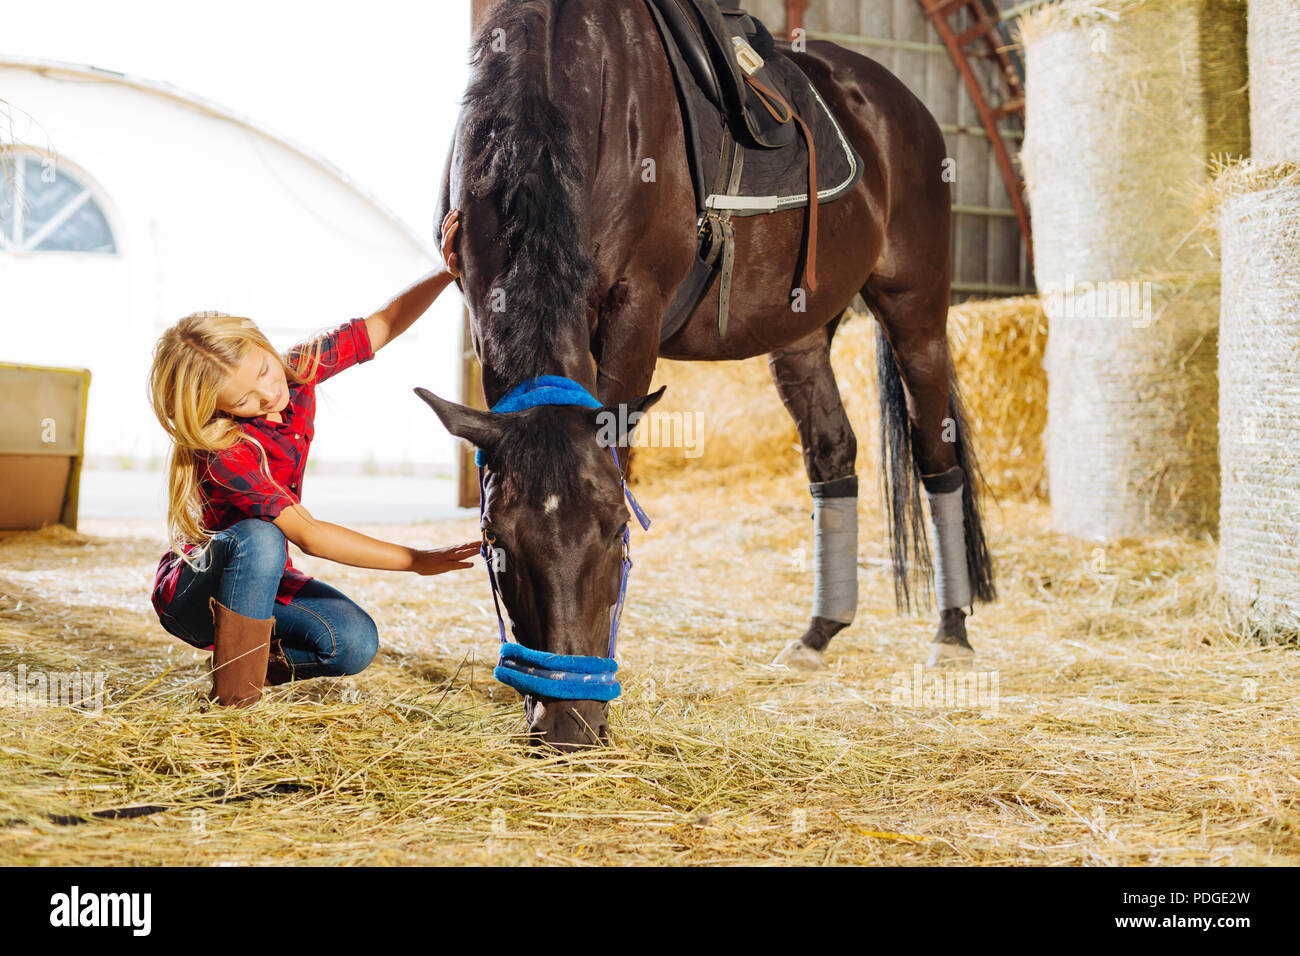 Cowboy emocional chica acariciándole hermoso caballo oscuro Imagen De Stock